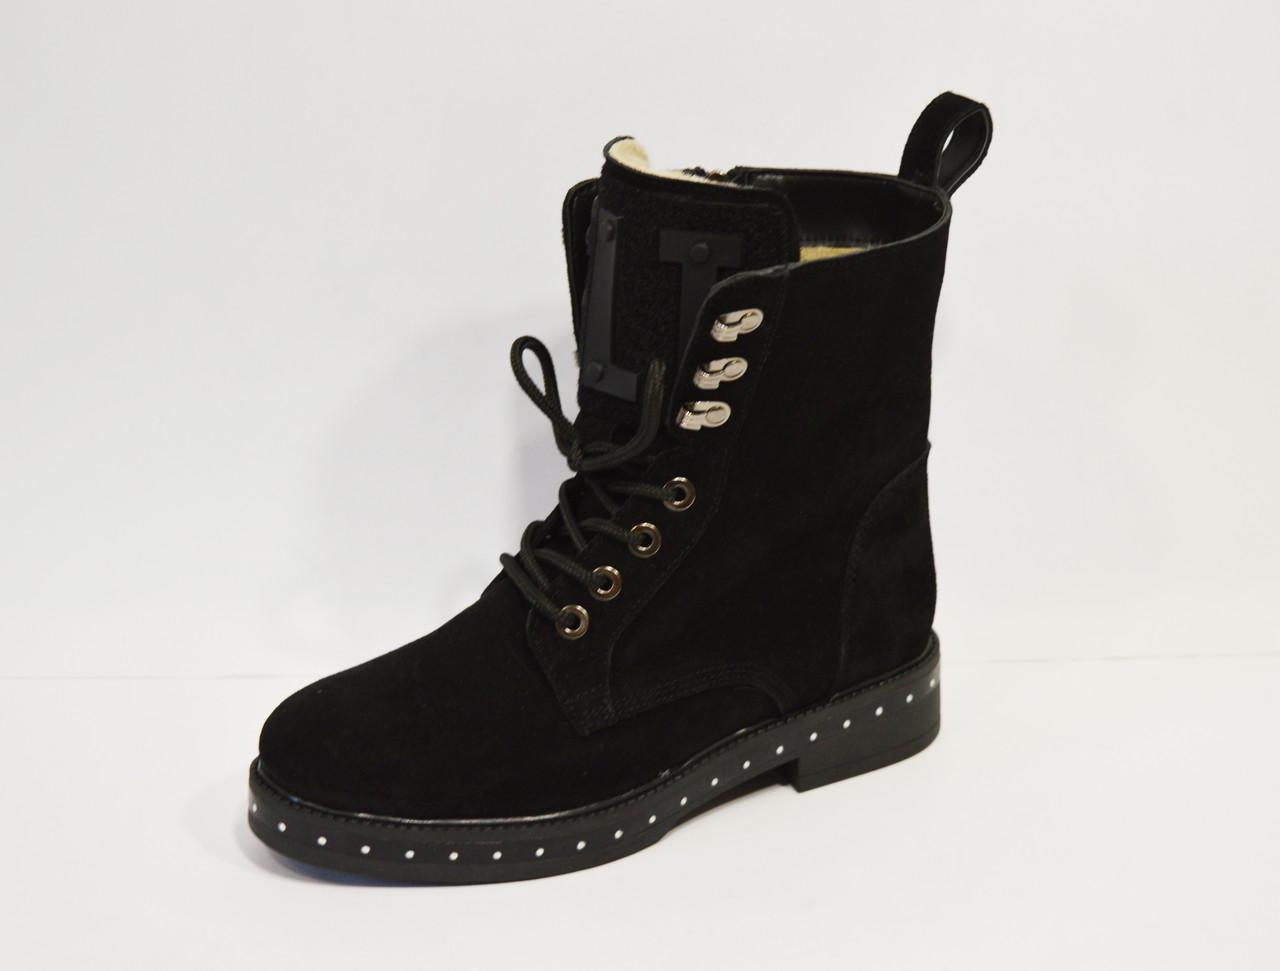 Замшевые женские ботинки Selesta